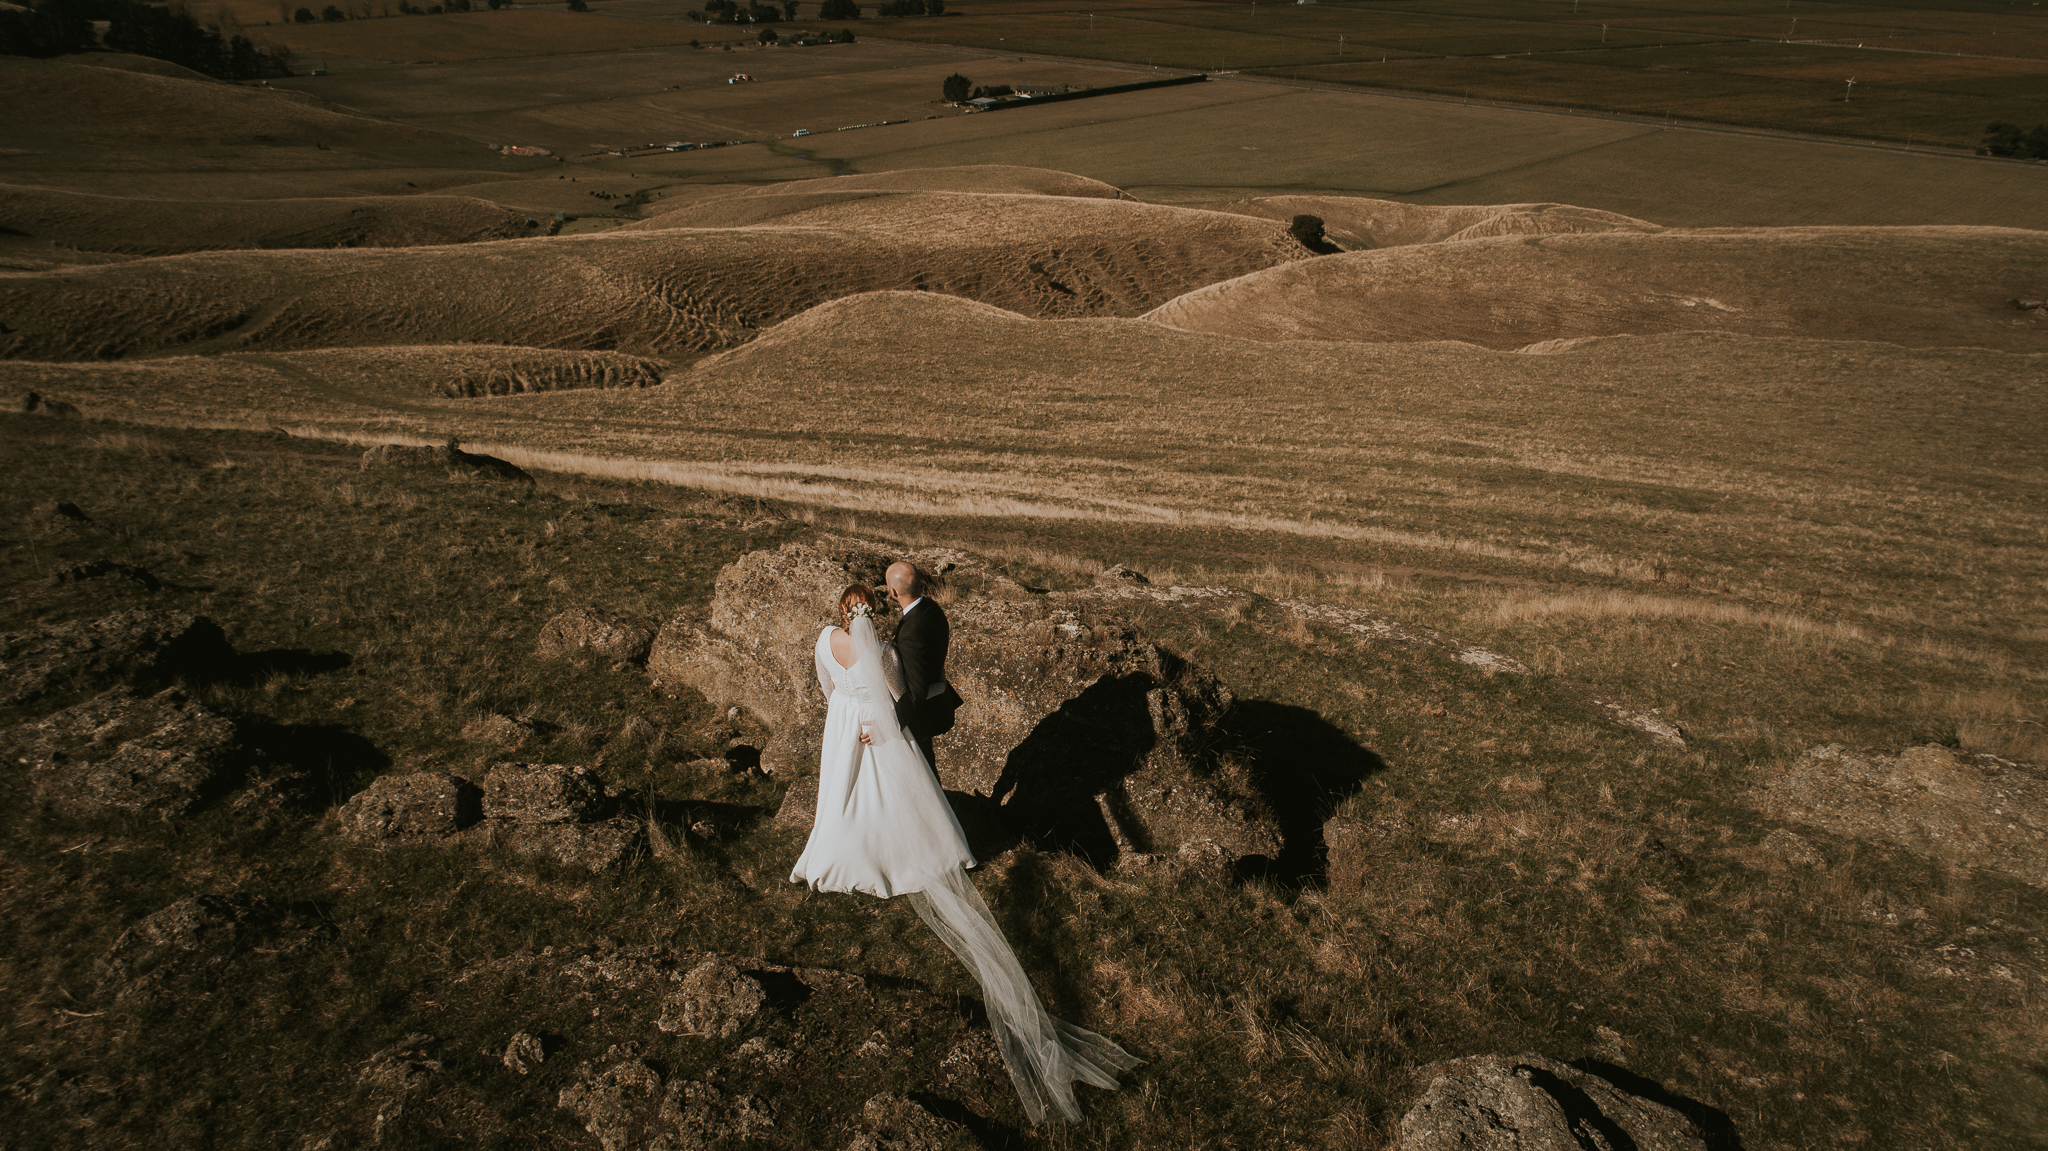 wedding photographer hawkes bay , Lisa Fisher Photography, Selini Winery Wedding -112.jpg